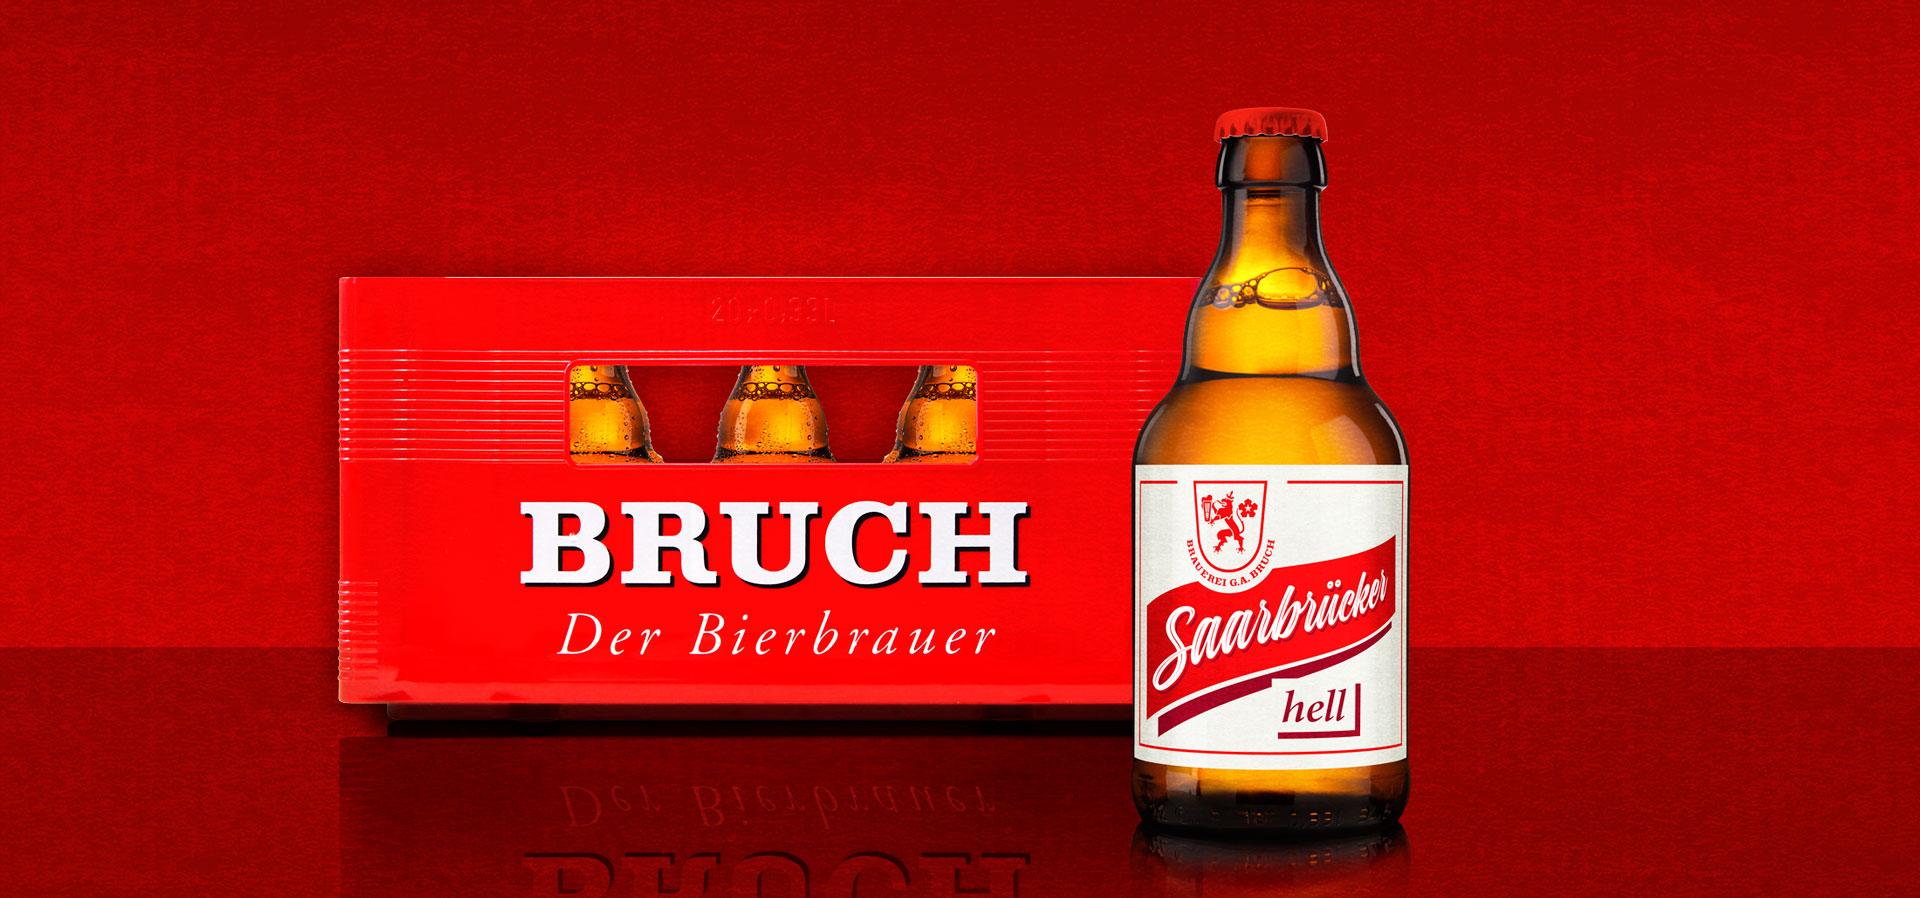 Saarbrücker hell